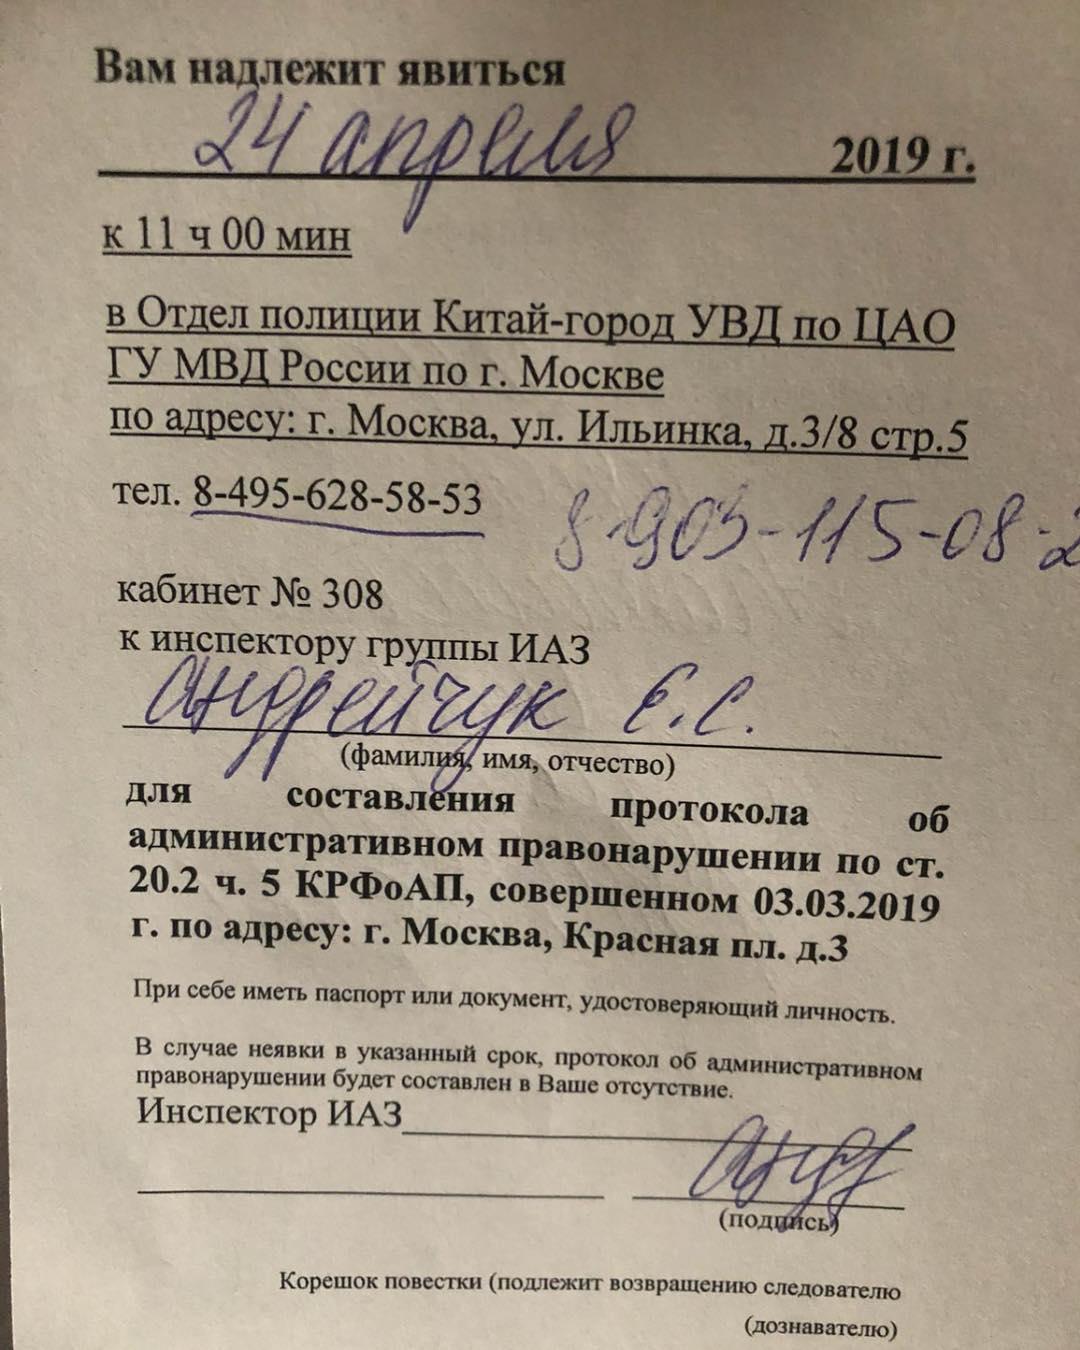 Звезда вне закона: Сергею Звереву грозит штраф до 20 тысяч рублей за одиночный пикет в защиту Байкала